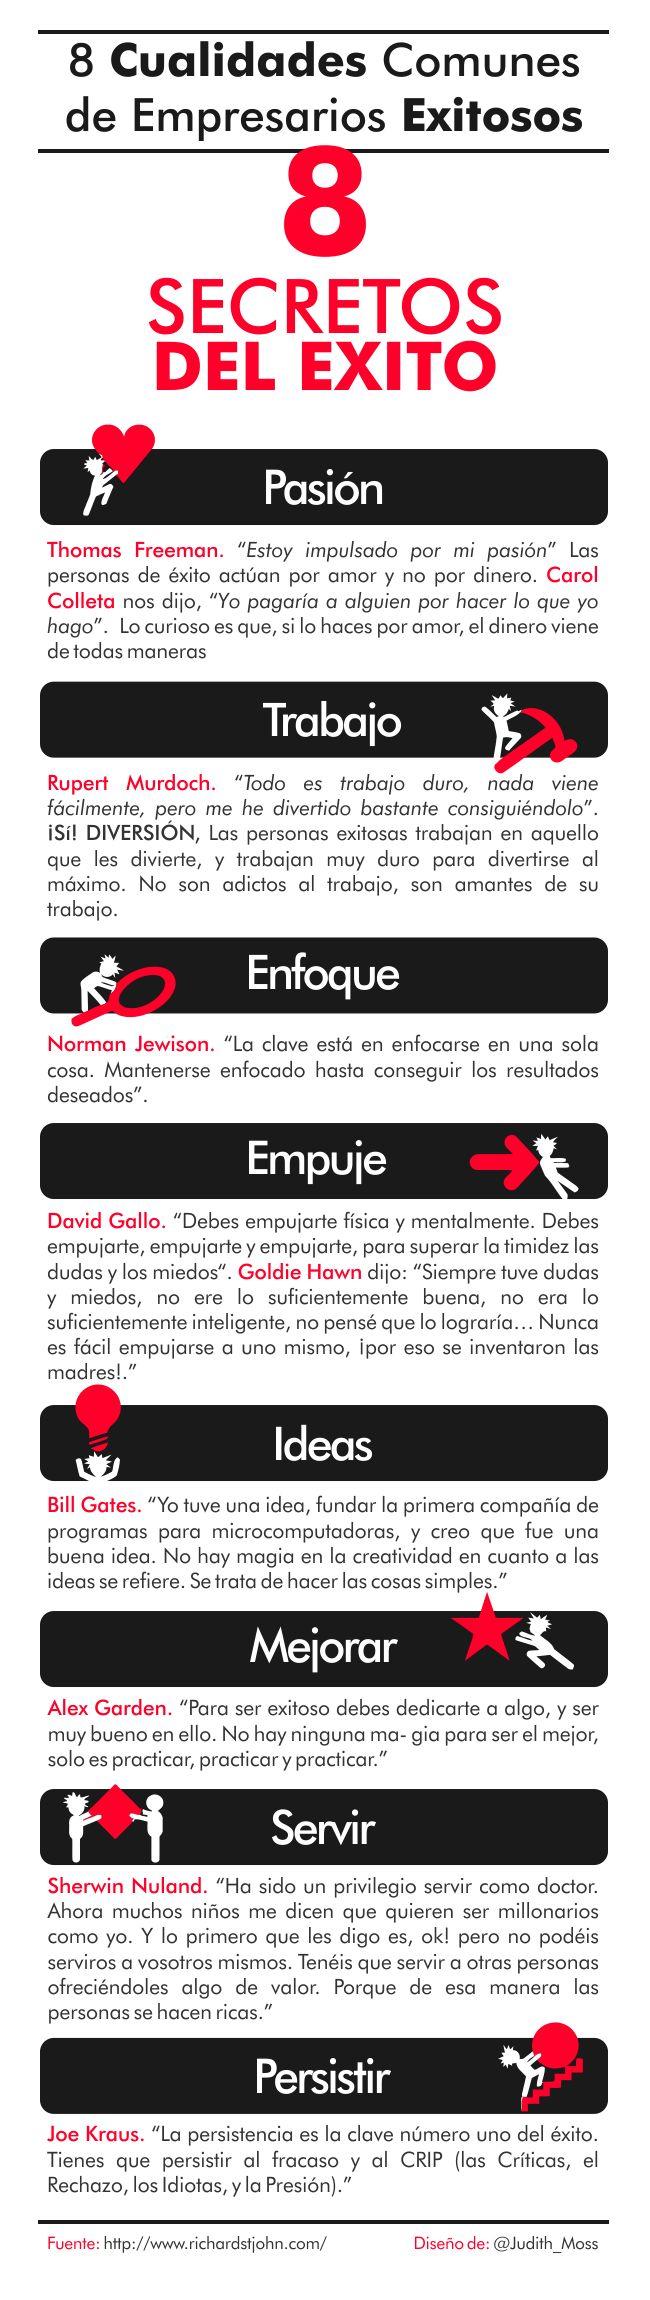 8 Cualidades de los #empresarios de #éxito #infografía